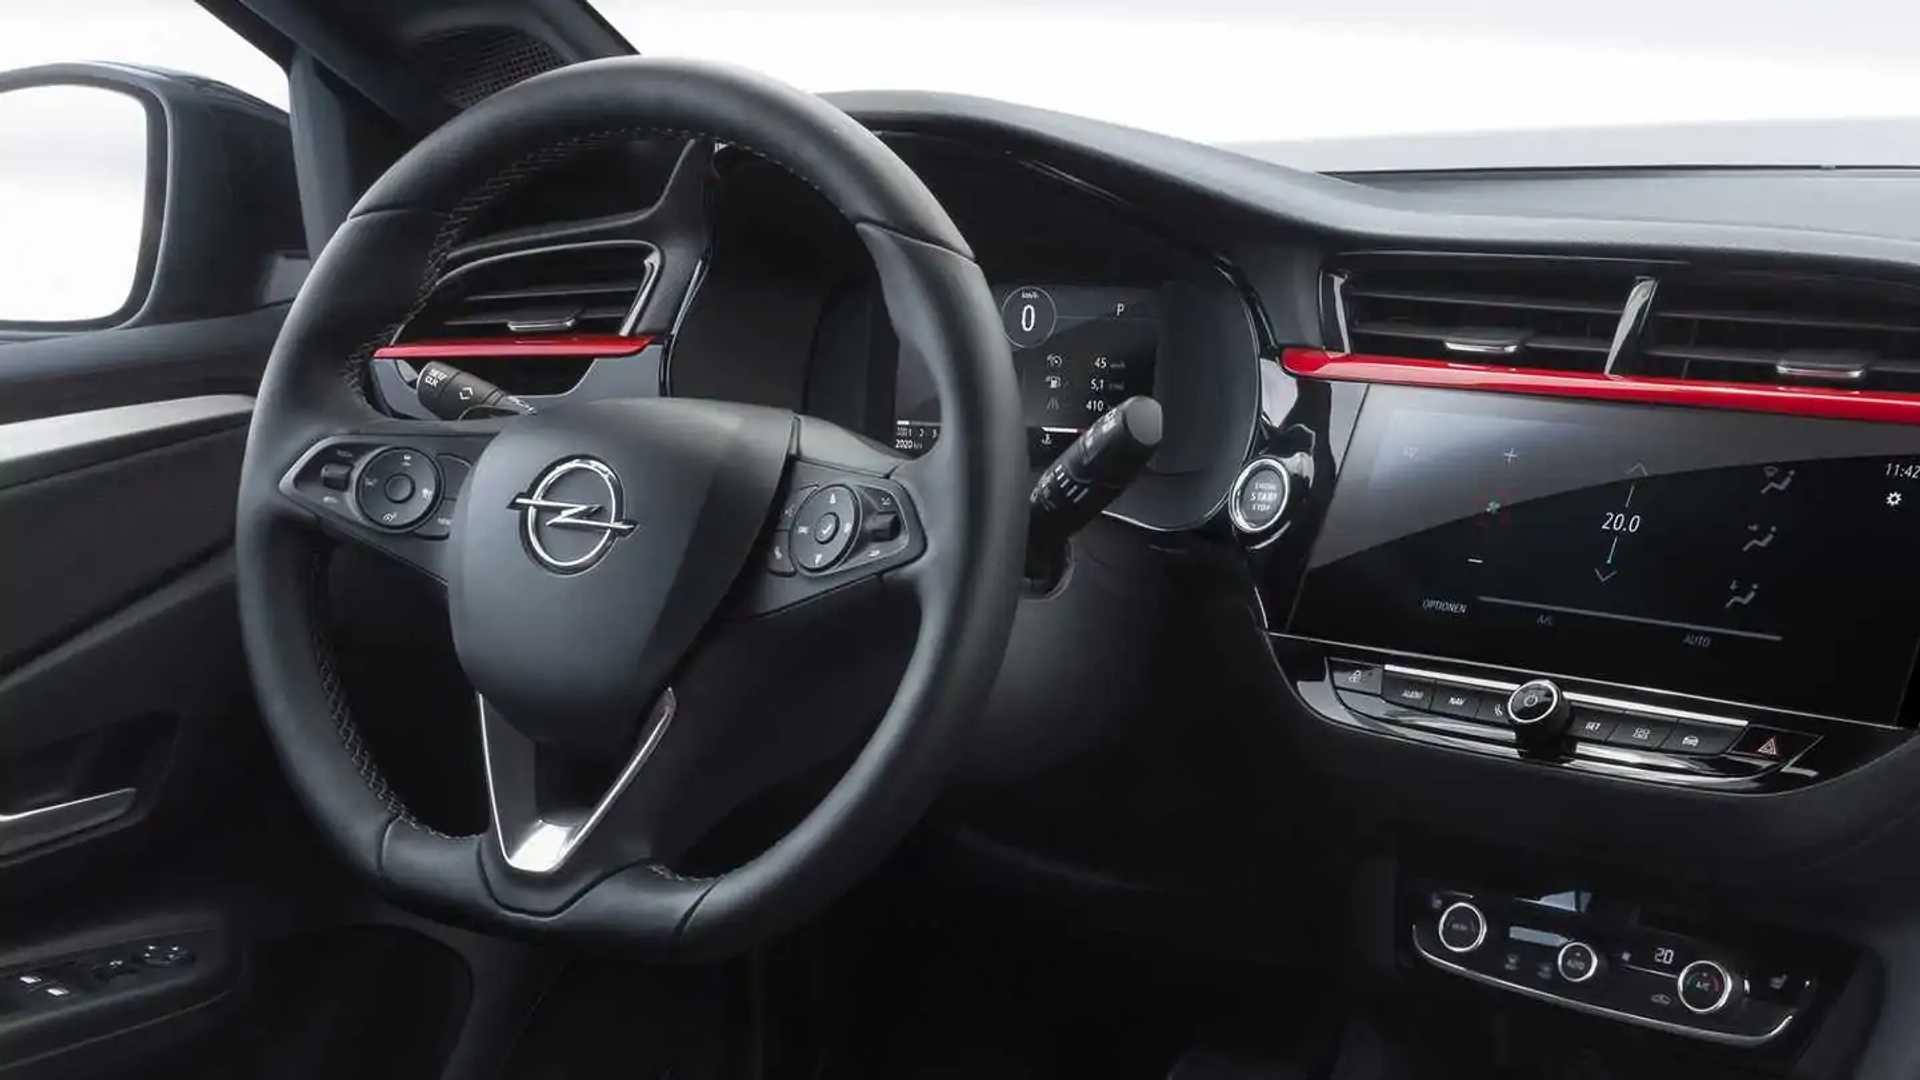 Novo Corsa 2020 Alem Do Eletrico Tera Motor 1 2 Com Ate 130 Cv